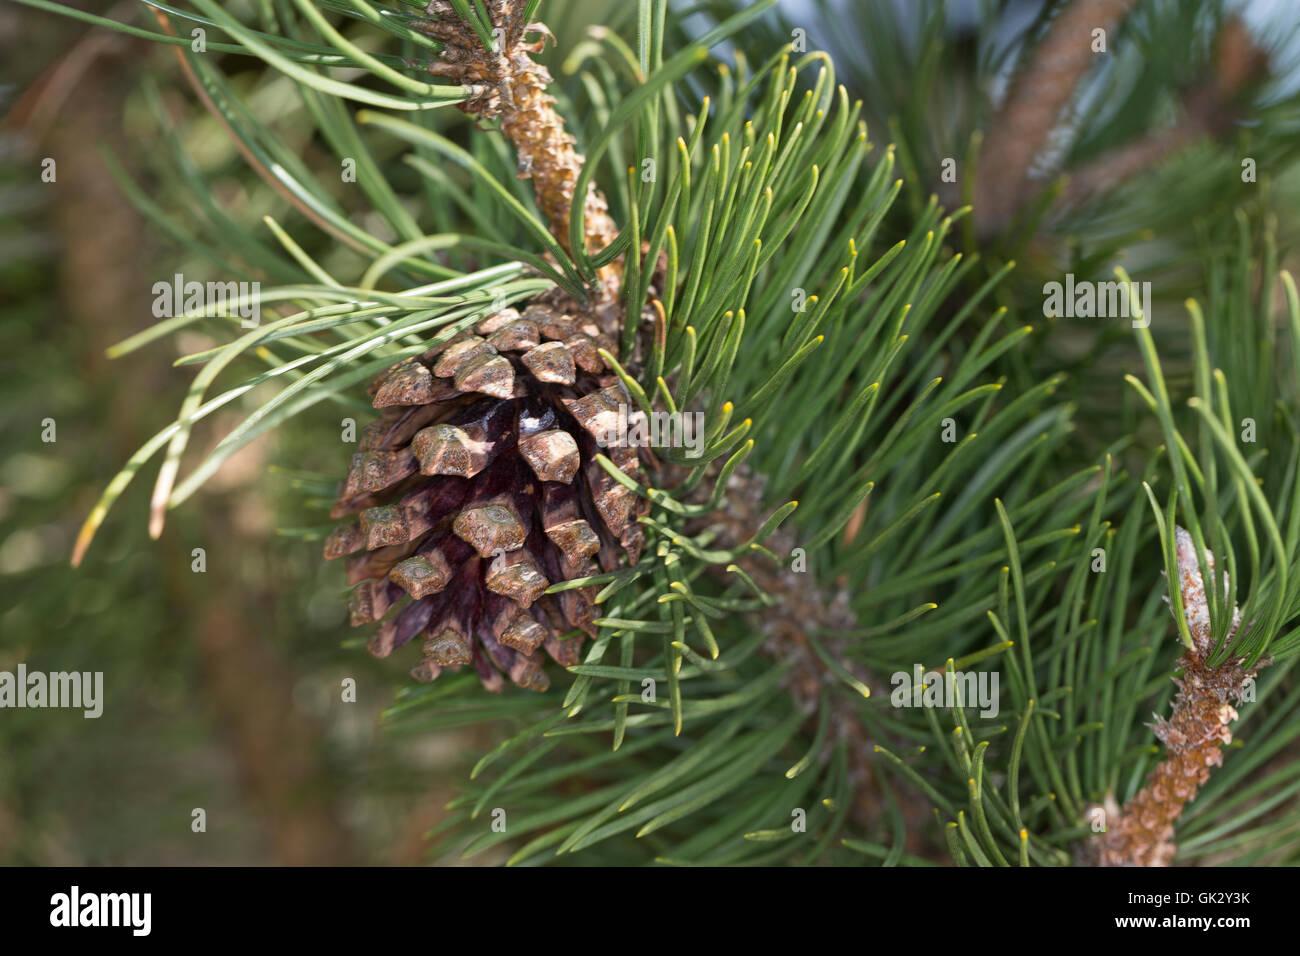 Hakenkiefer, Haken-Kiefer, Spirke, Aufrechte Bergkiefer, Berg-Spirke, Bergspirke, Pinus uncinata, Pinus mugo uncinata, - Stock Image